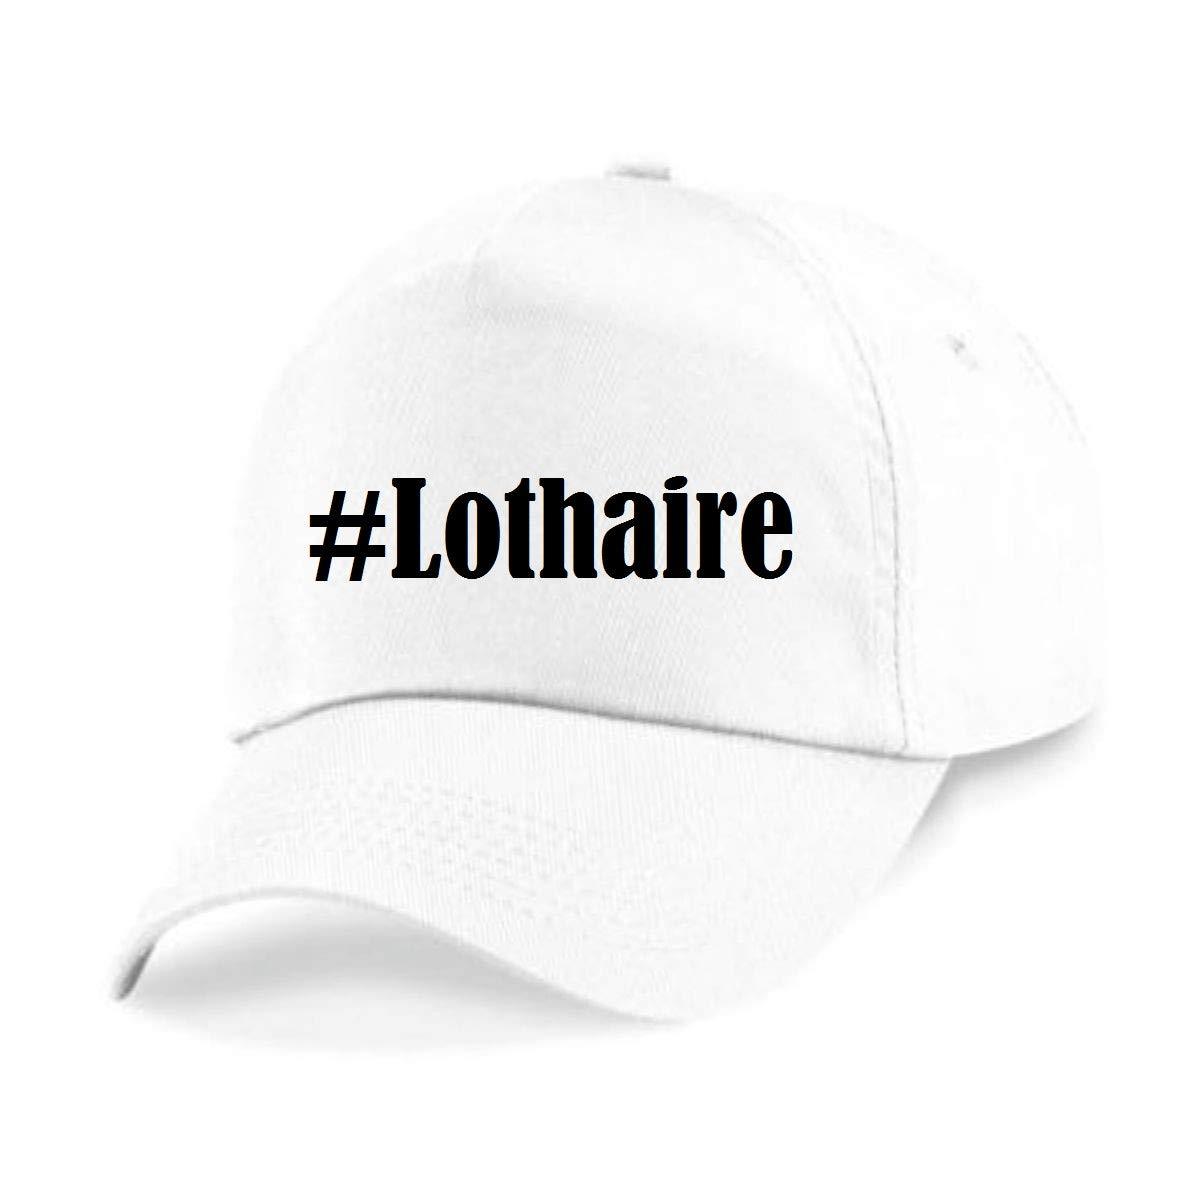 Casquettes de Baseball #Lothaire Hashtag Diamant Social Network Basecap pour Les Hommes Femmes Gar/çon /& Fille en Noir